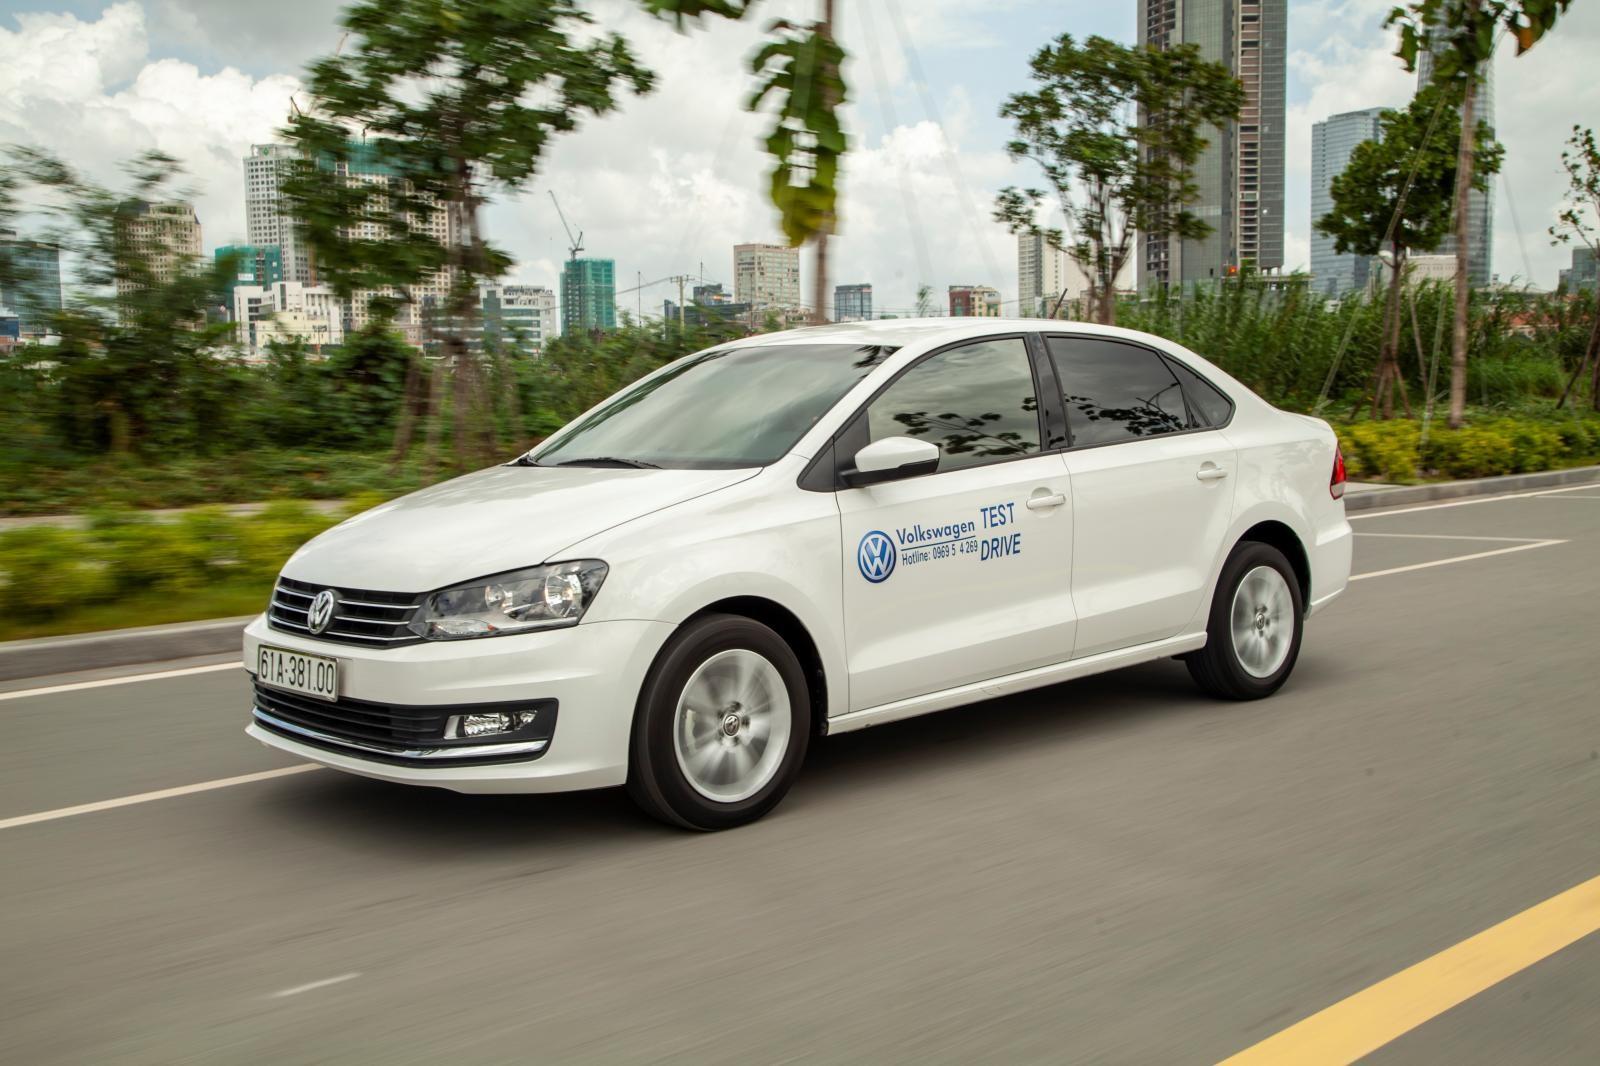 So với các đối thủ trong phân khúc, Volkswagen Polo sedan đang không có lợi thế về mặt giá bán